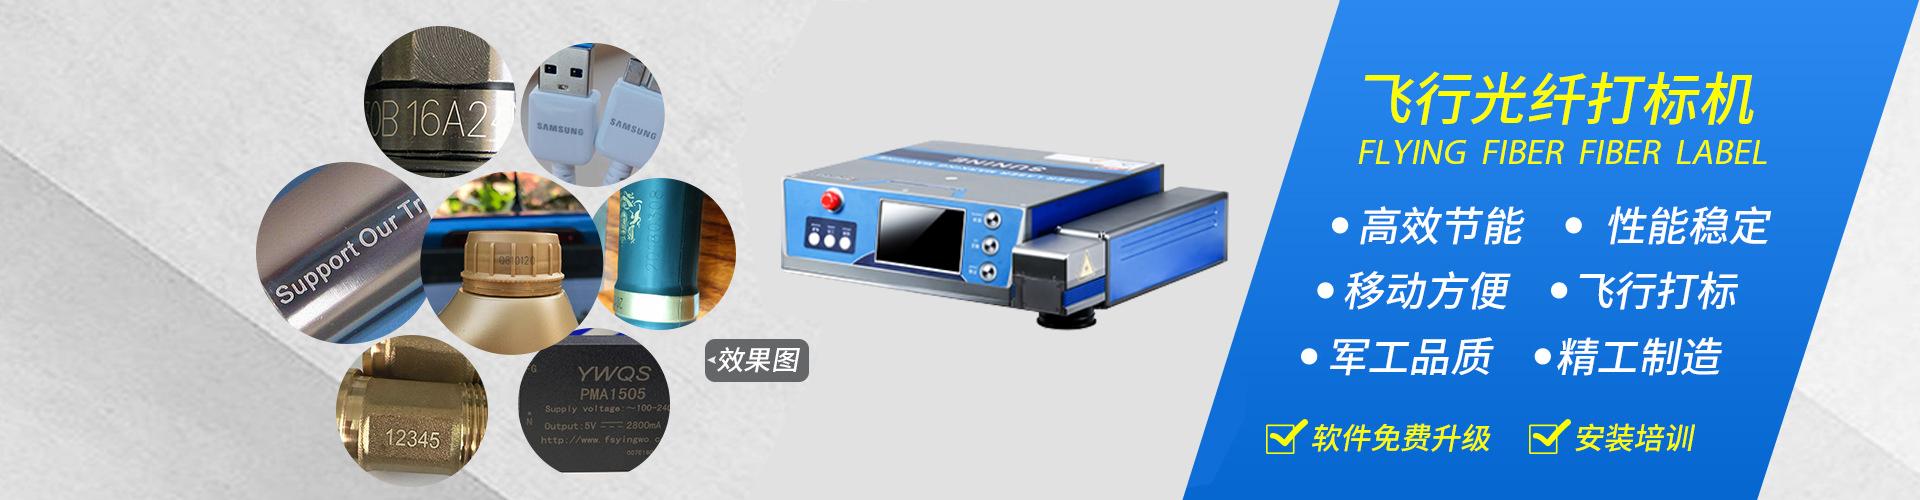 金属激光打标机